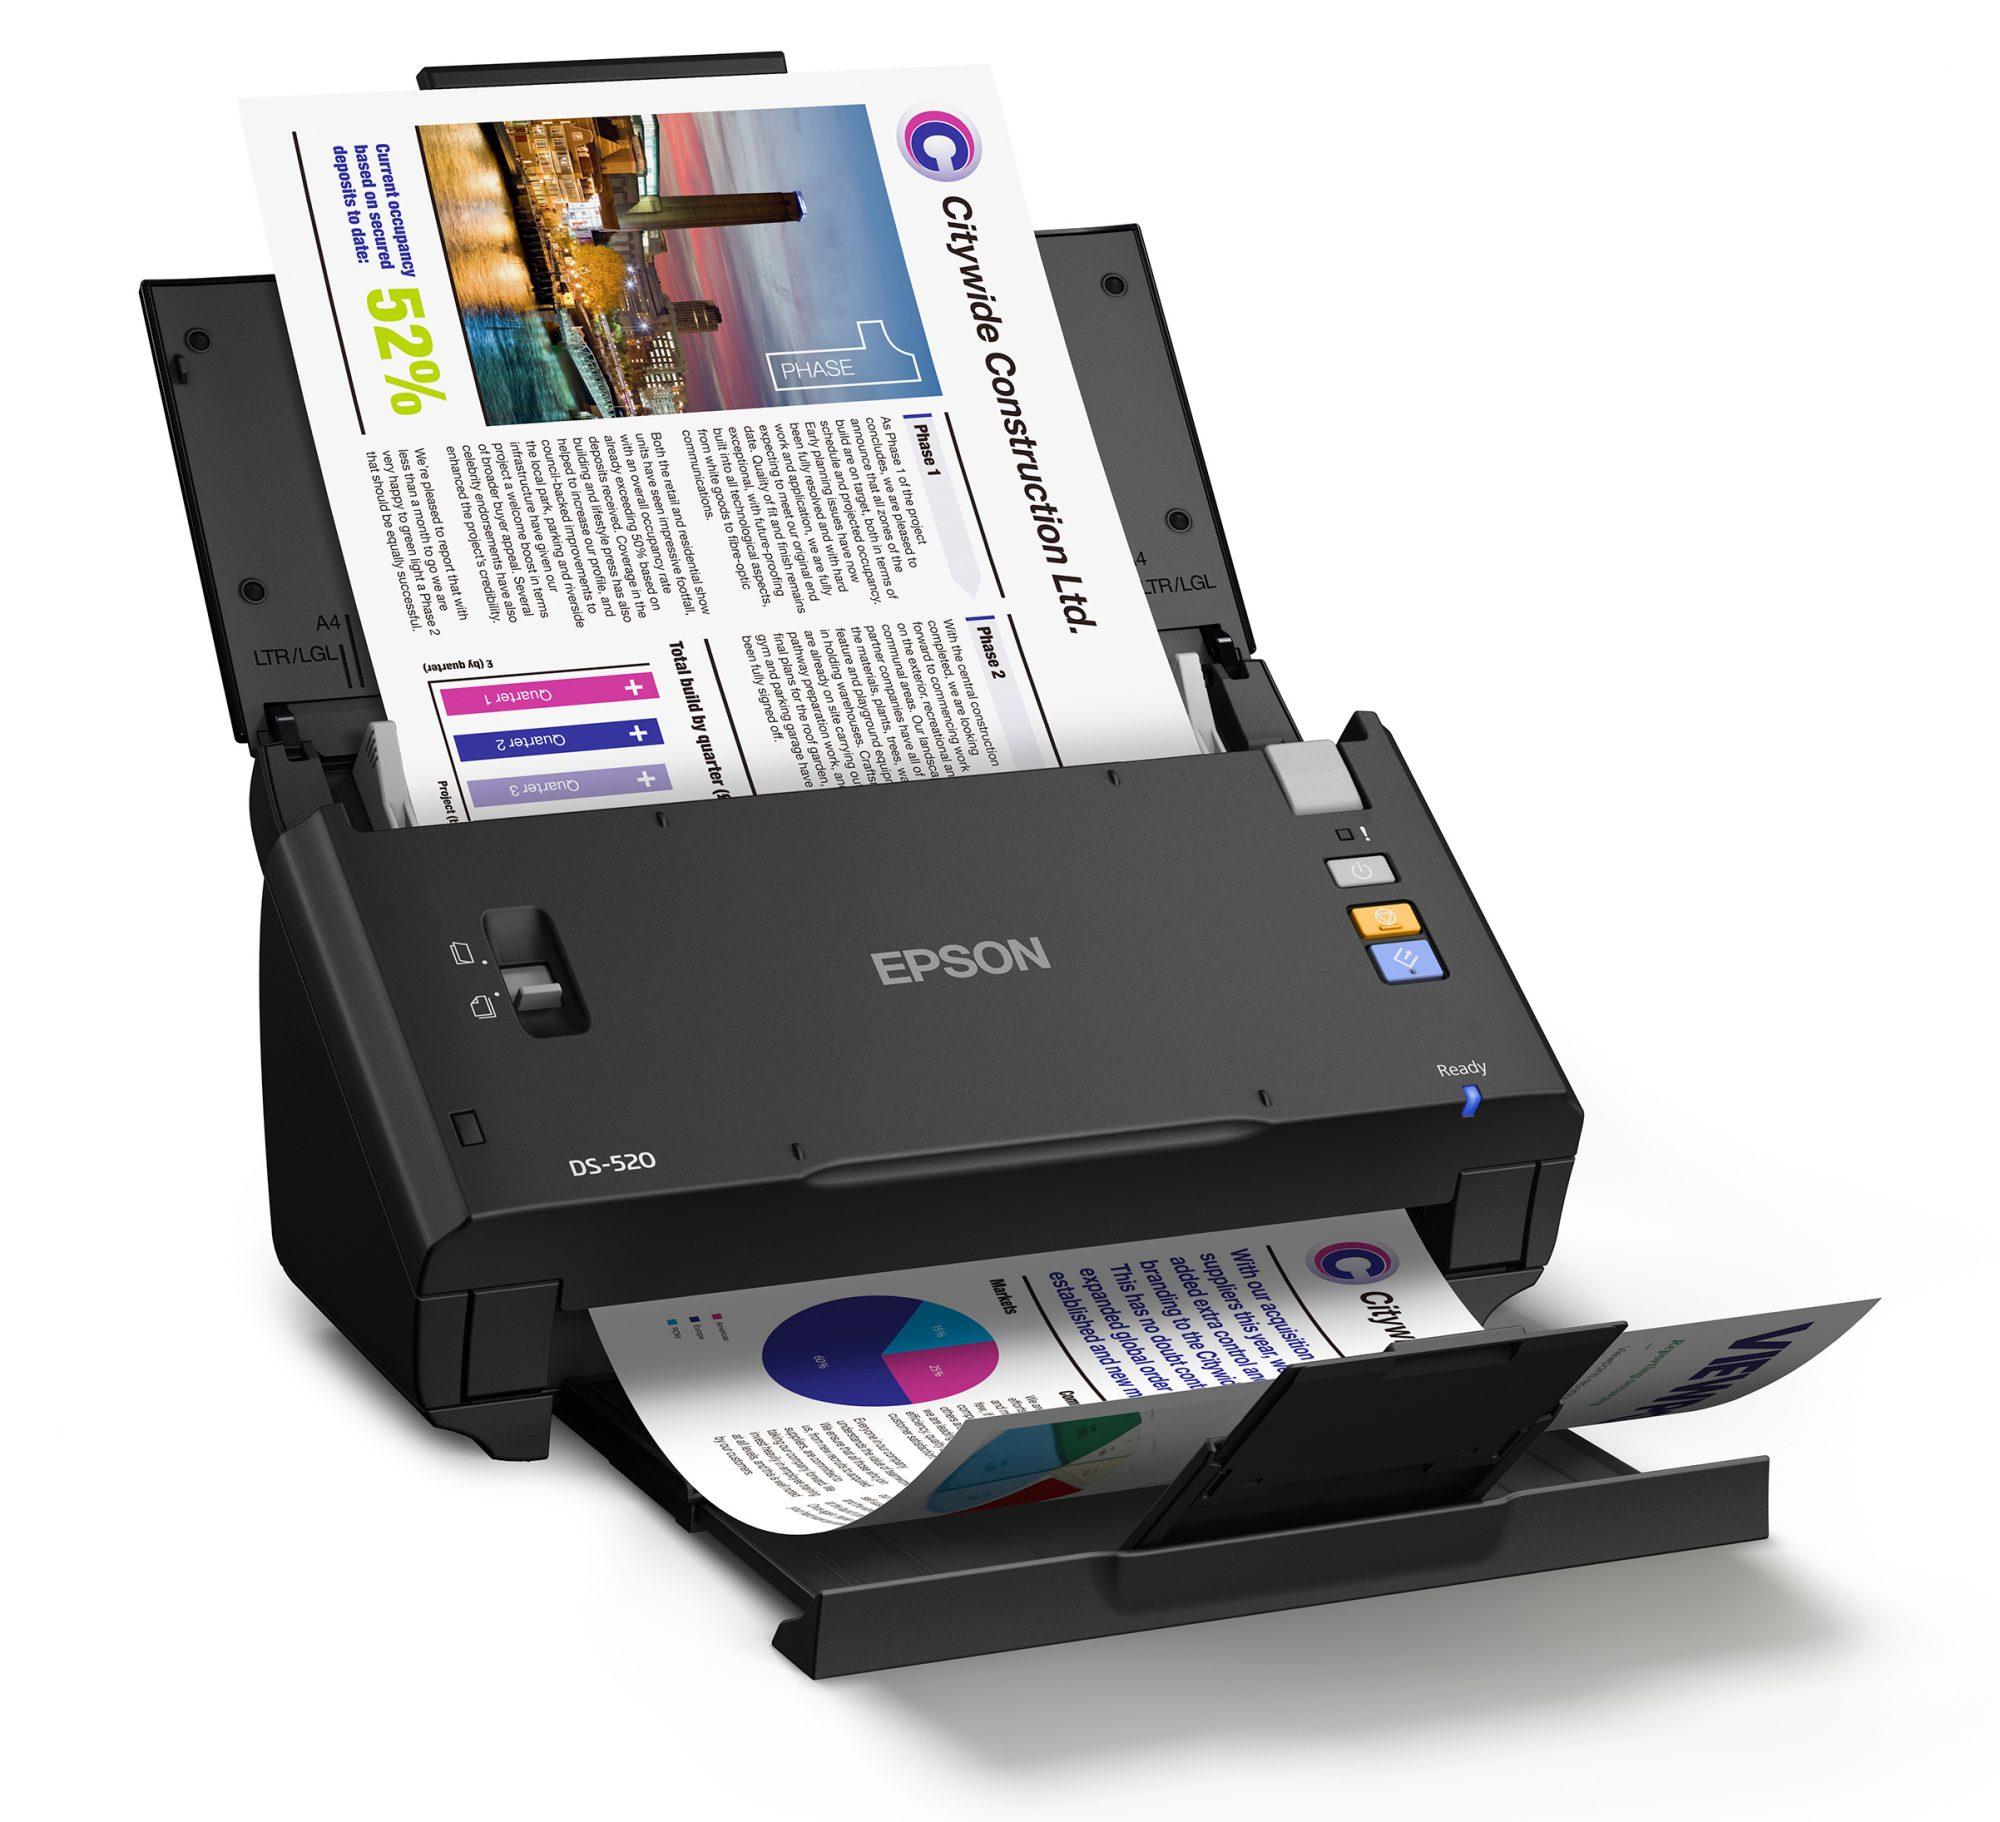 Ce qui fait que les scanneurs sont bien autre chose que des produits à faible marge.